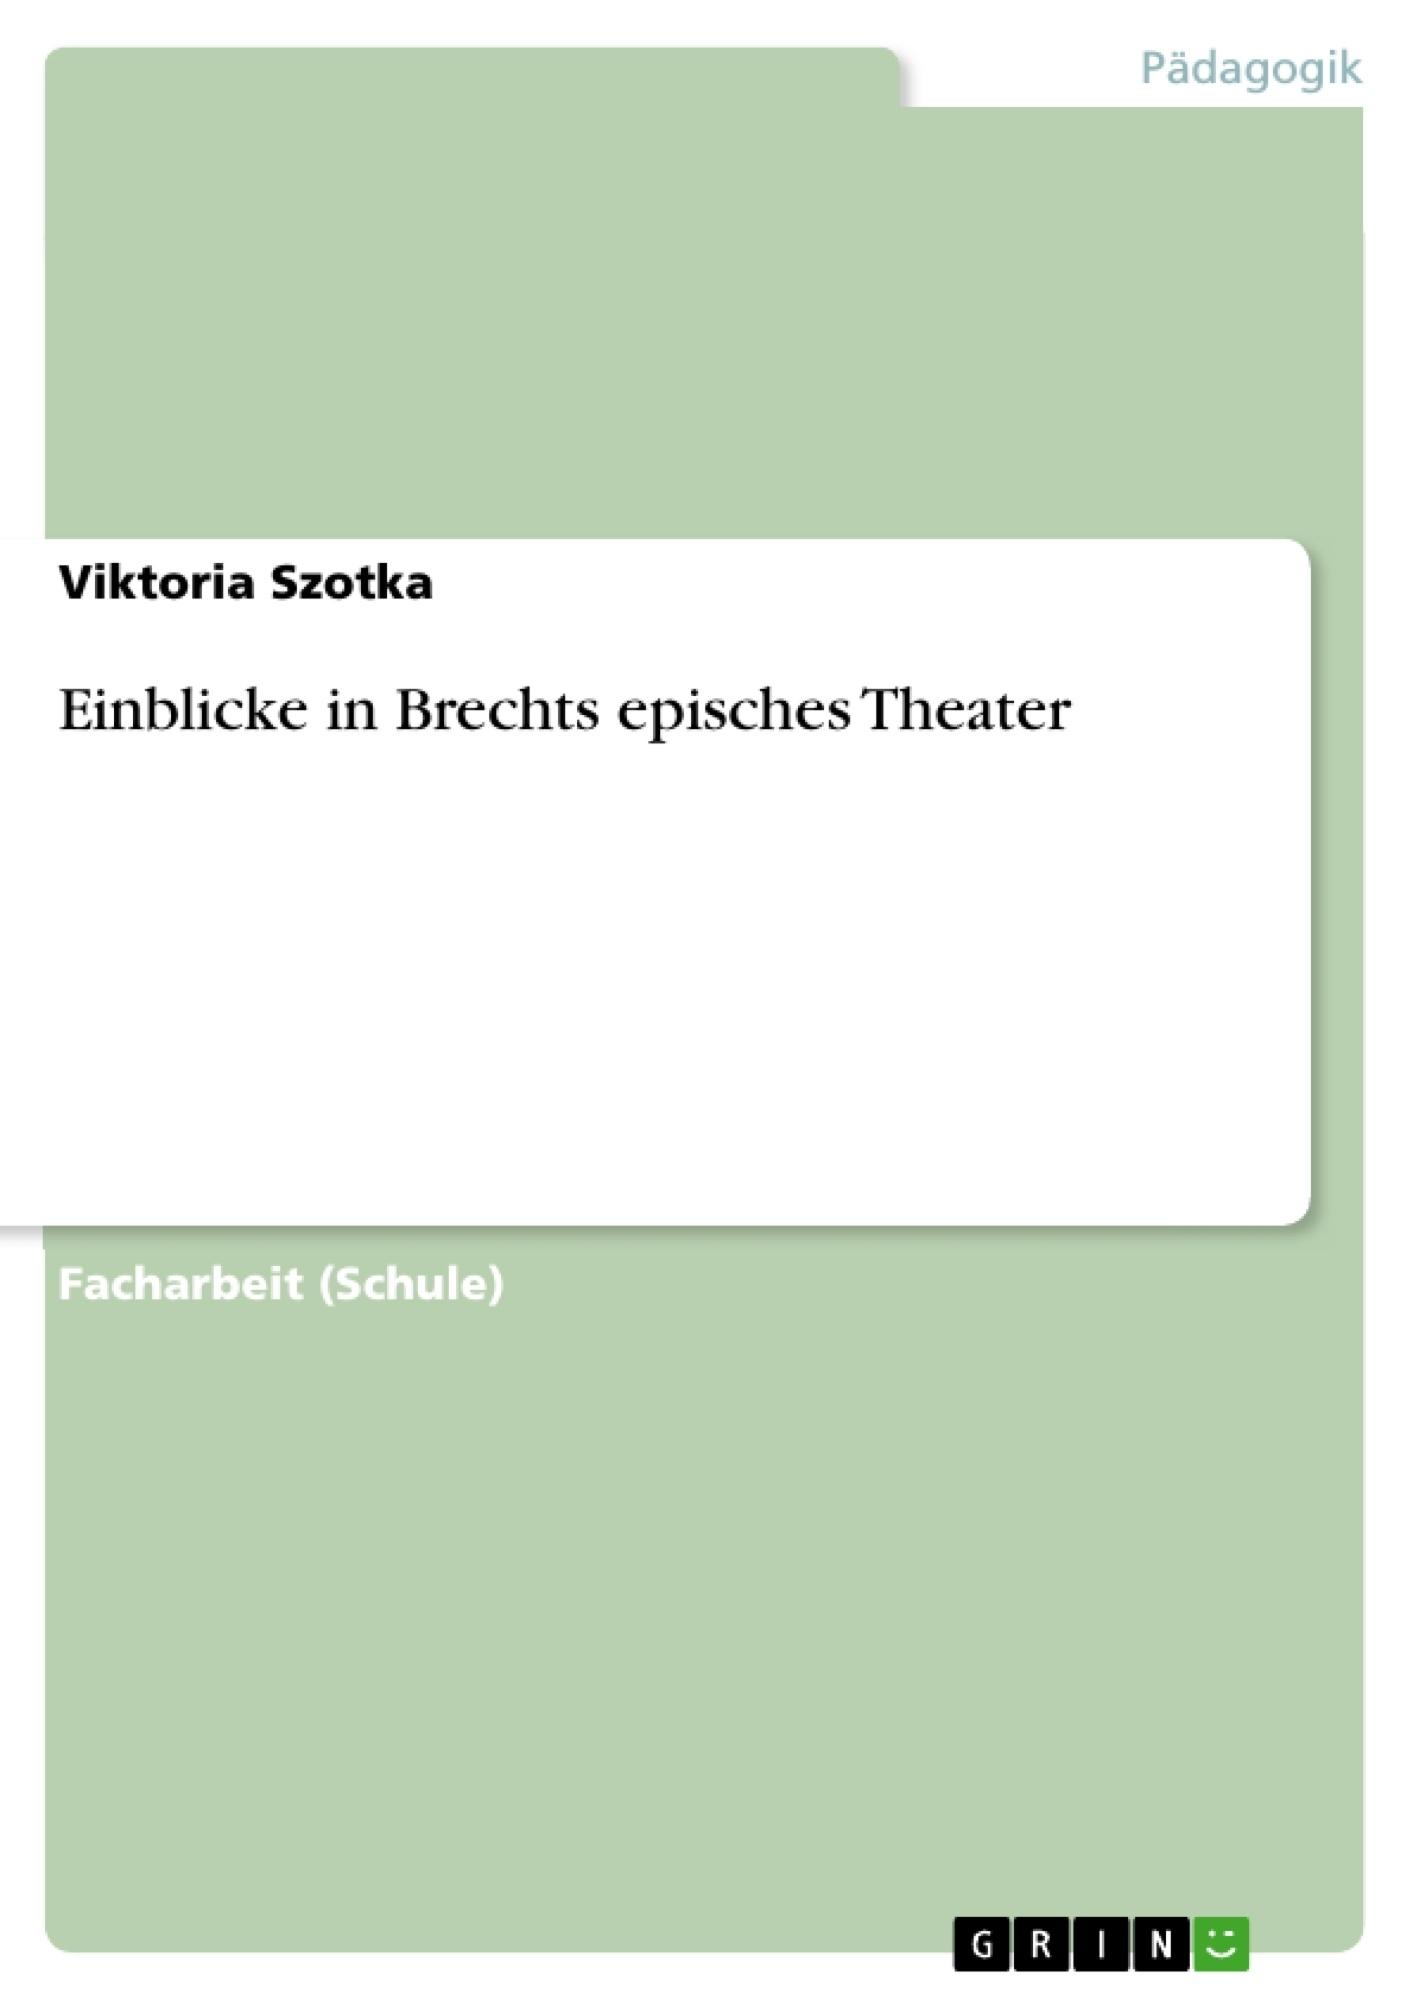 Titel: Einblicke in Brechts episches Theater